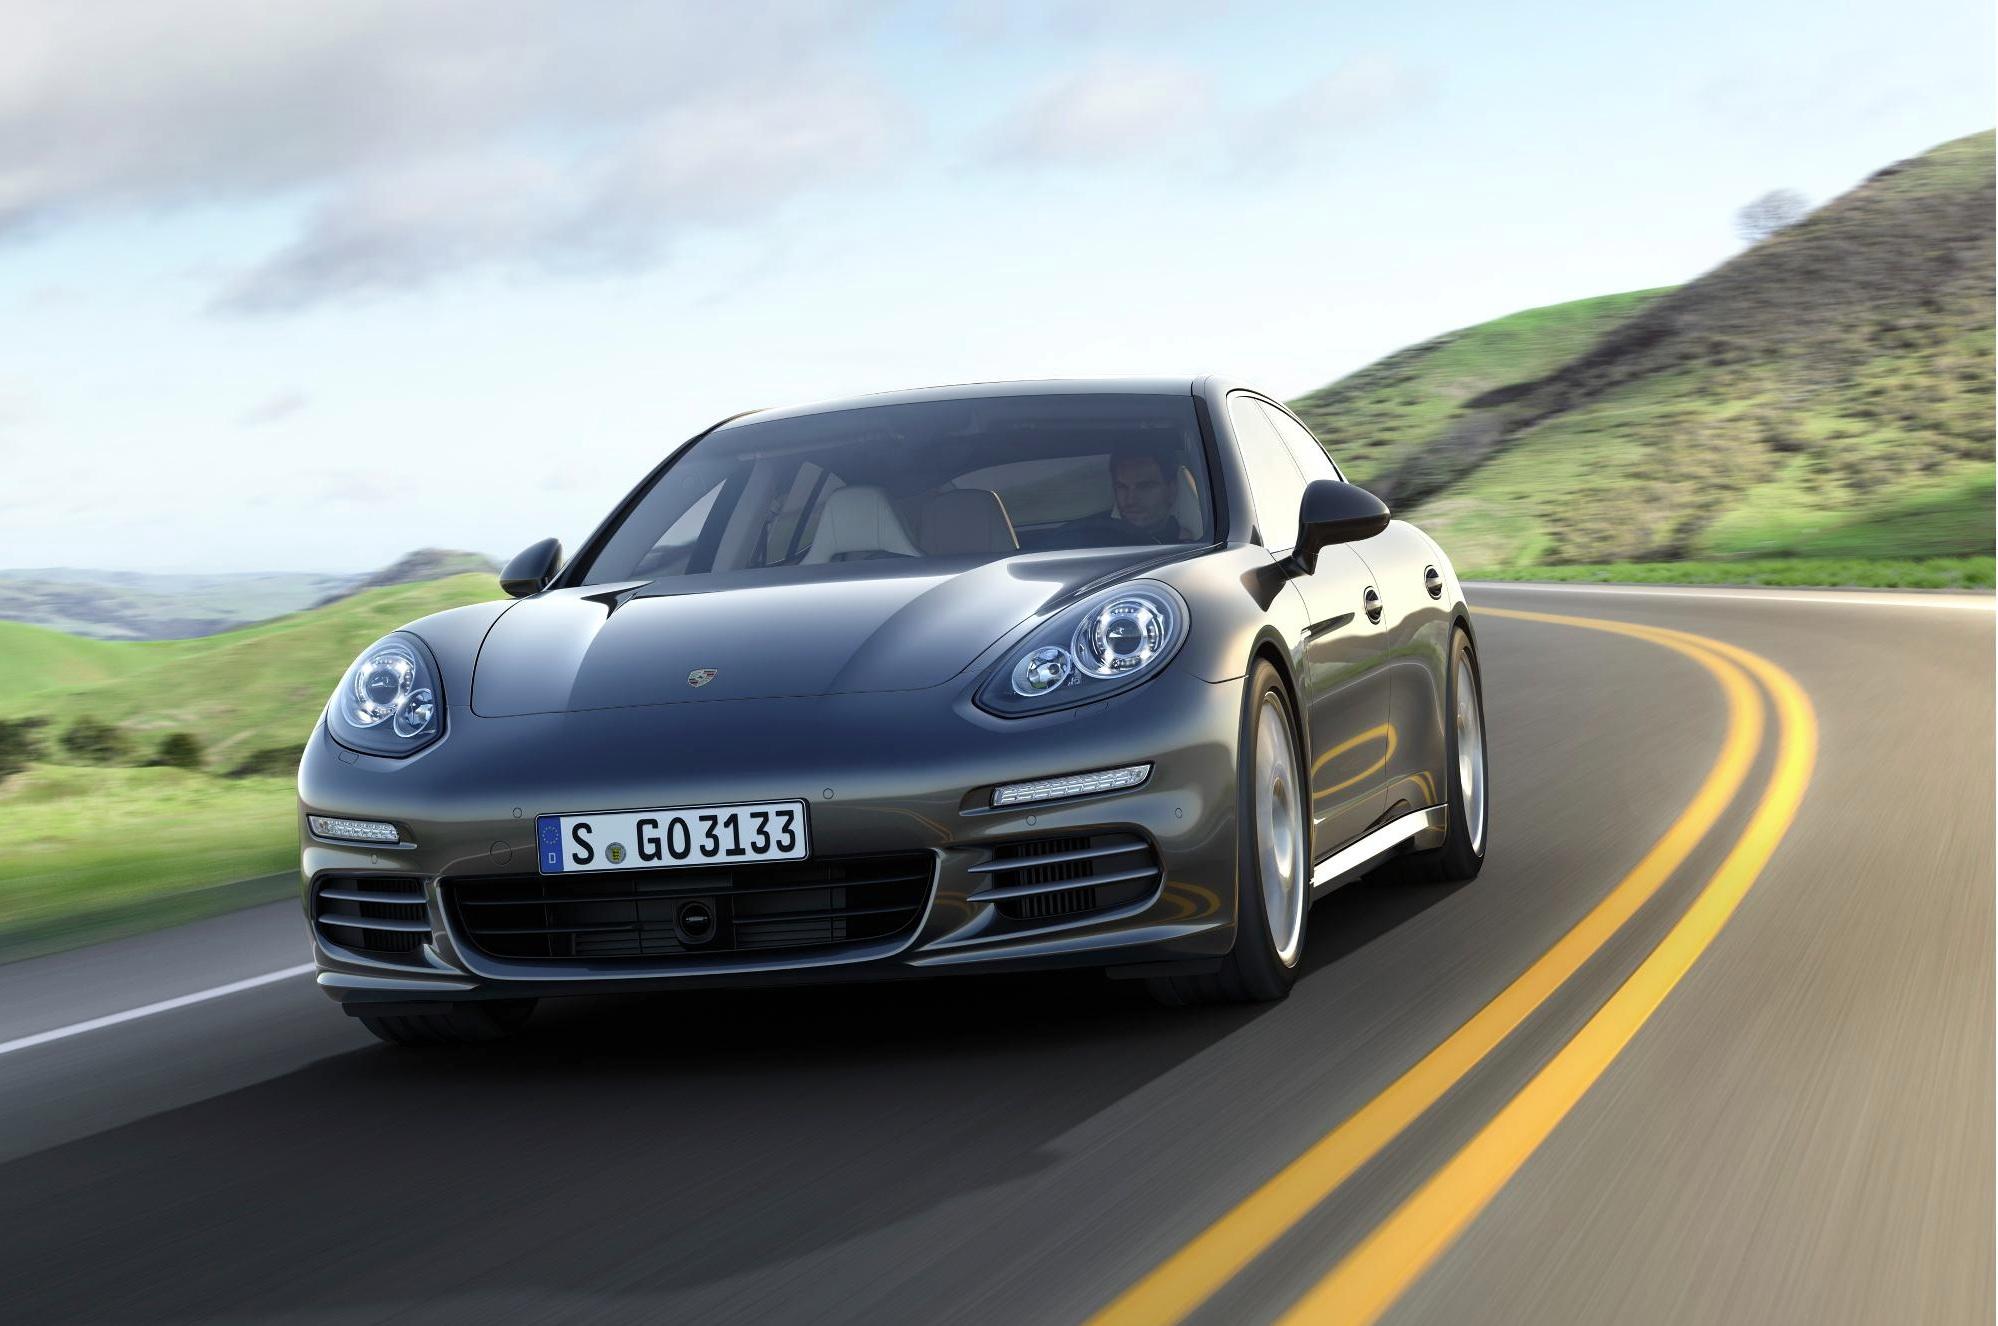 Porsche Panamera S E Hybrid Specs Photos 2013 2014 2015 2016